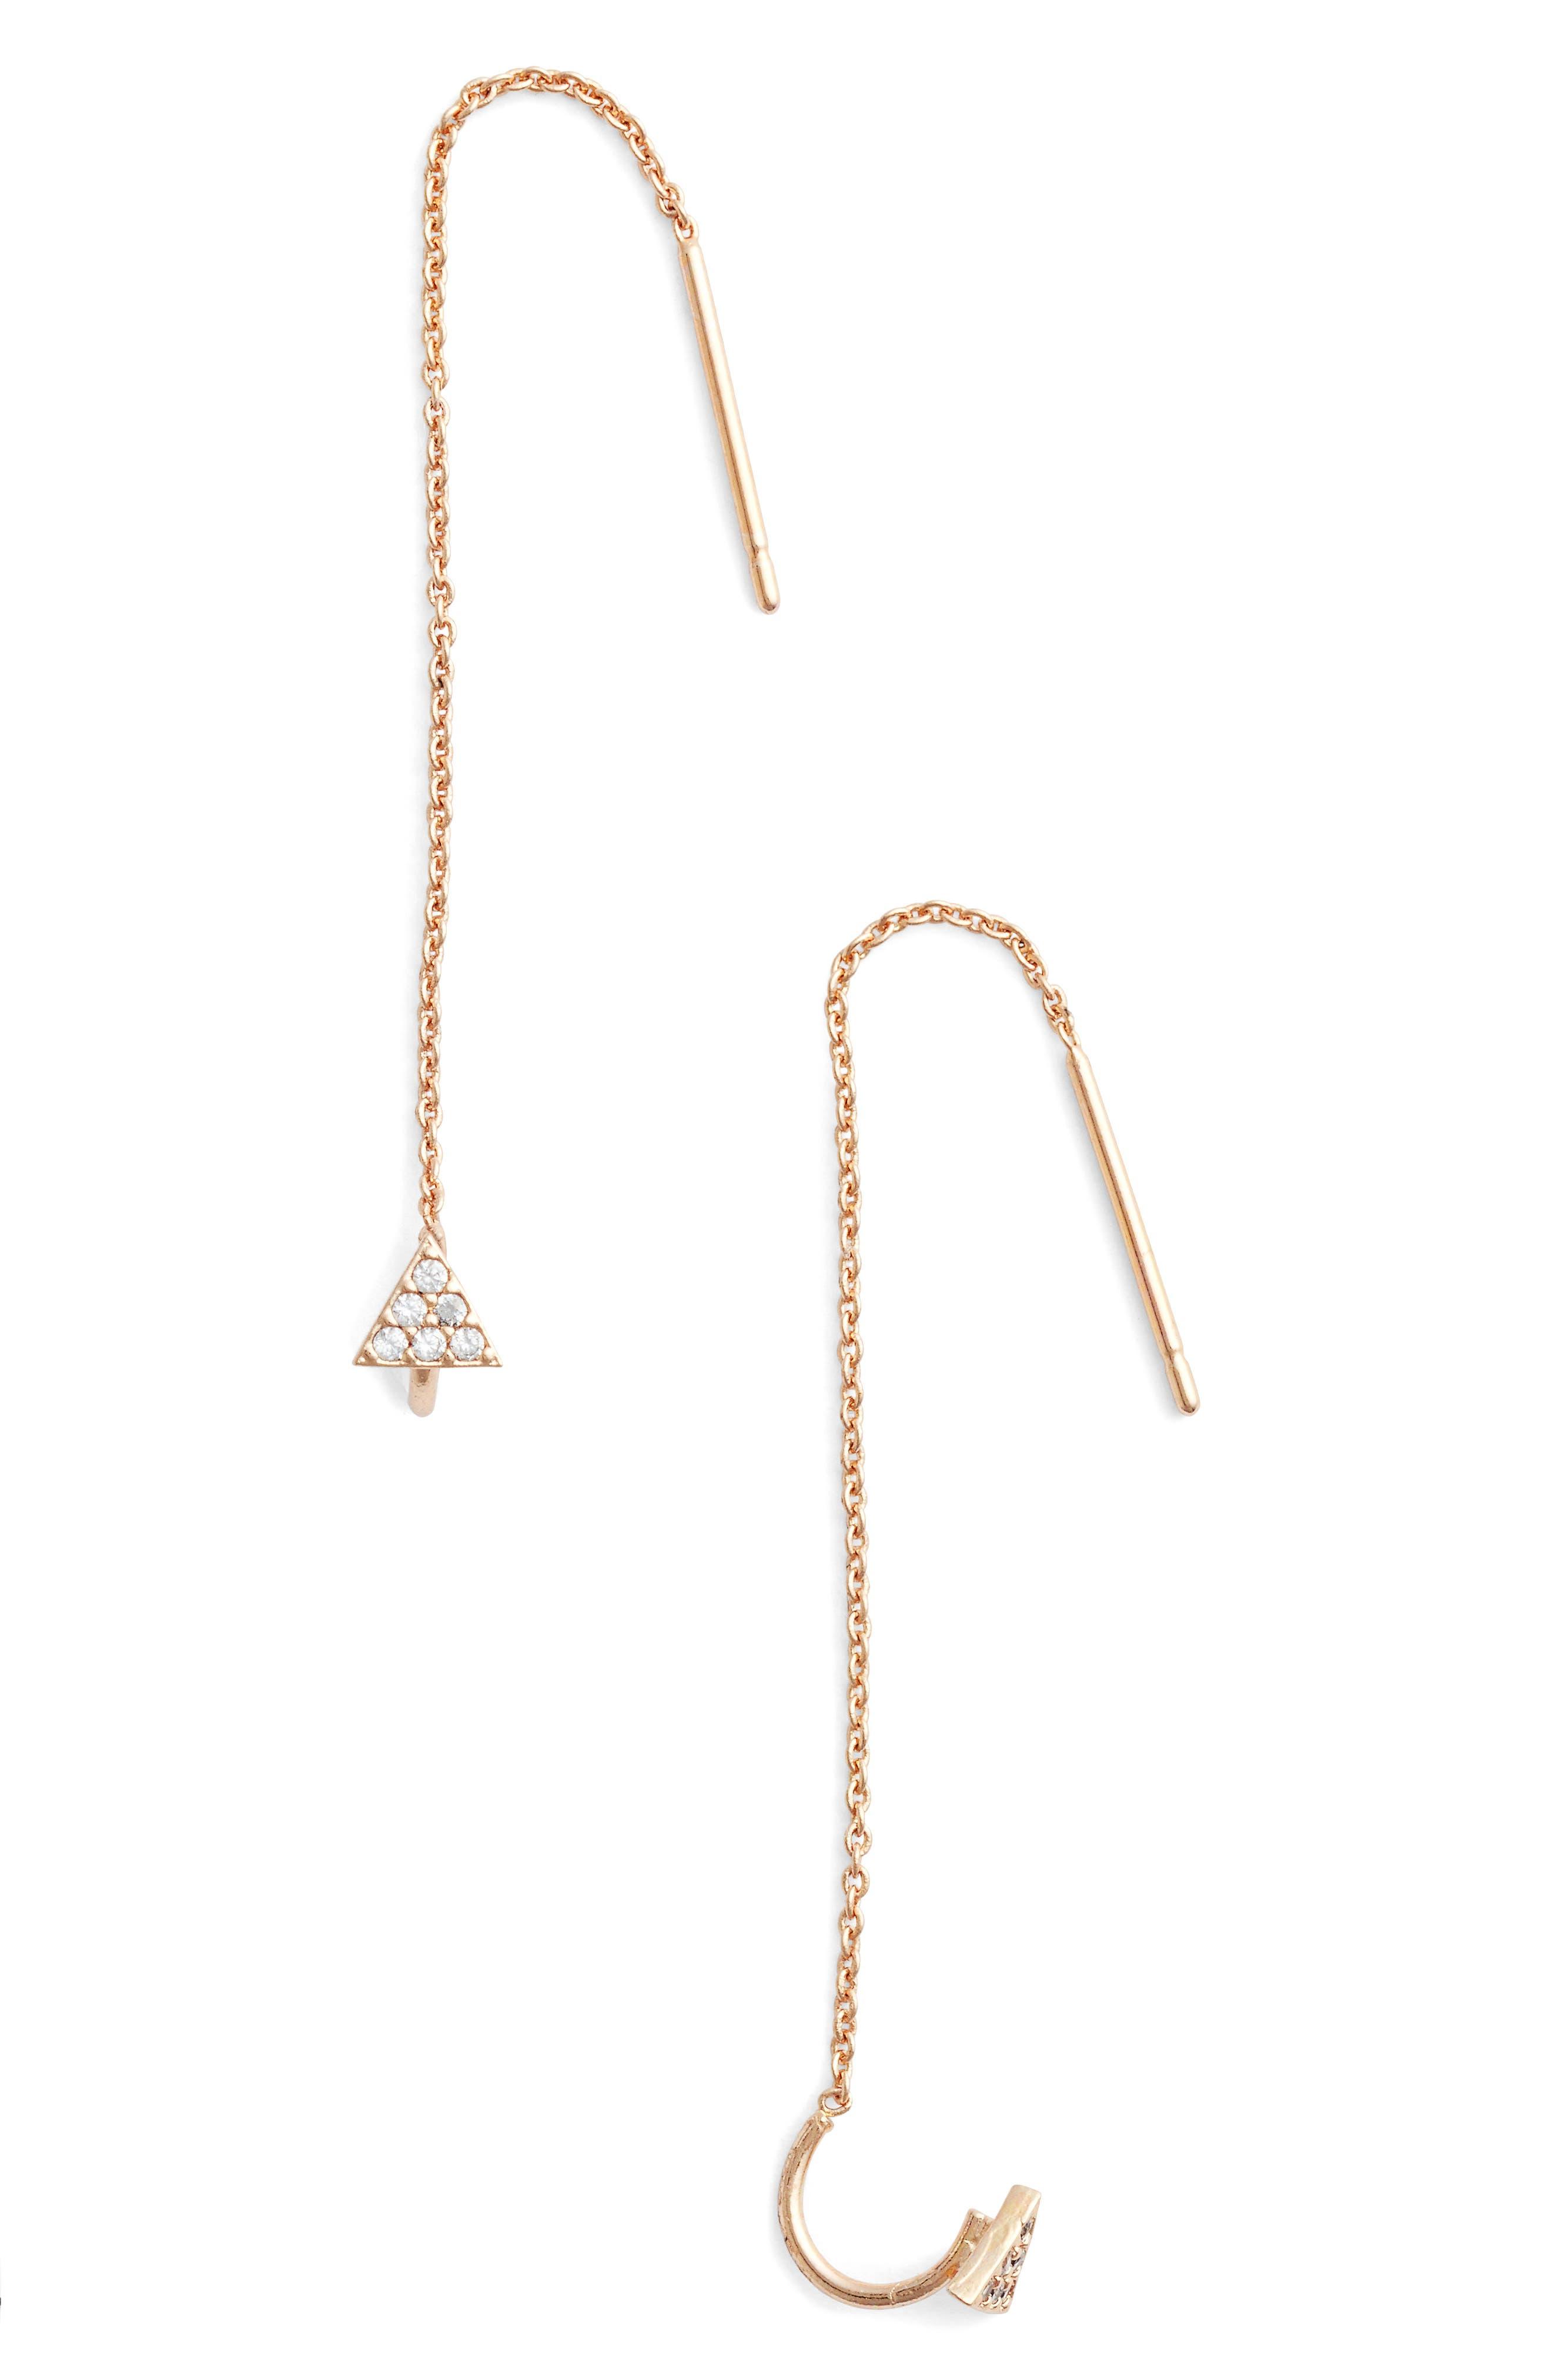 Hayek Threader Earrings,                         Main,                         color, Rose Gold